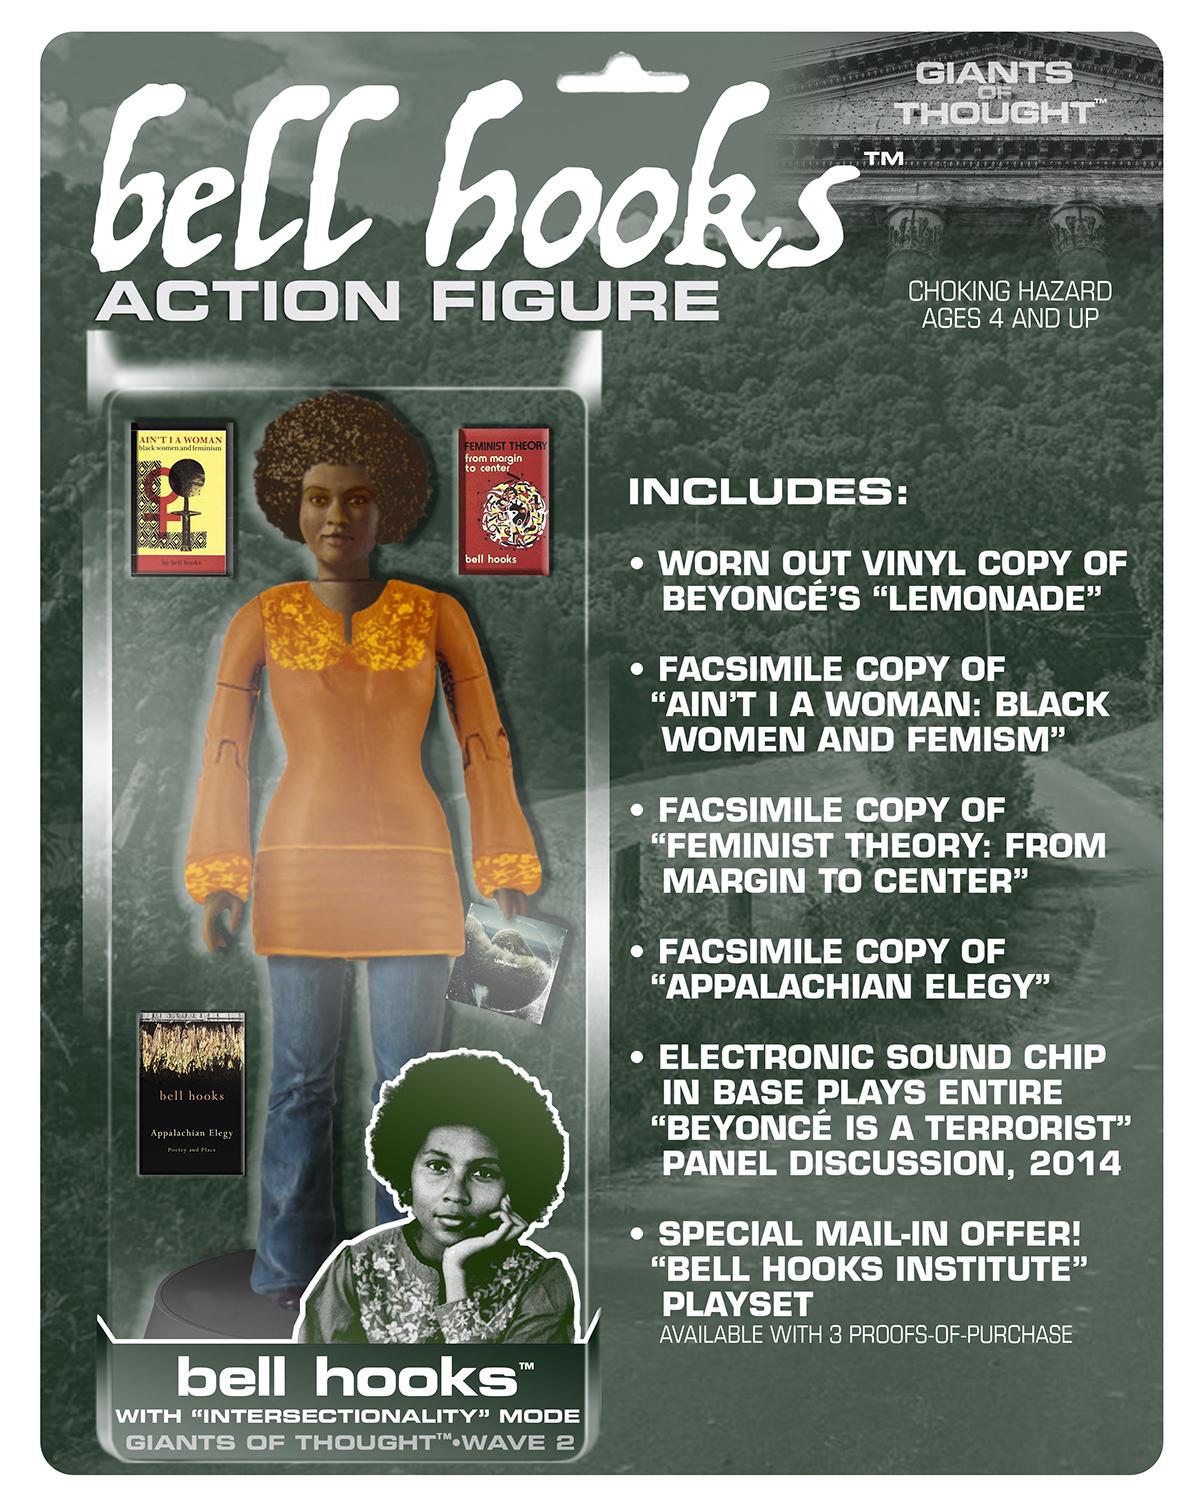 bellhooks-1.jpg